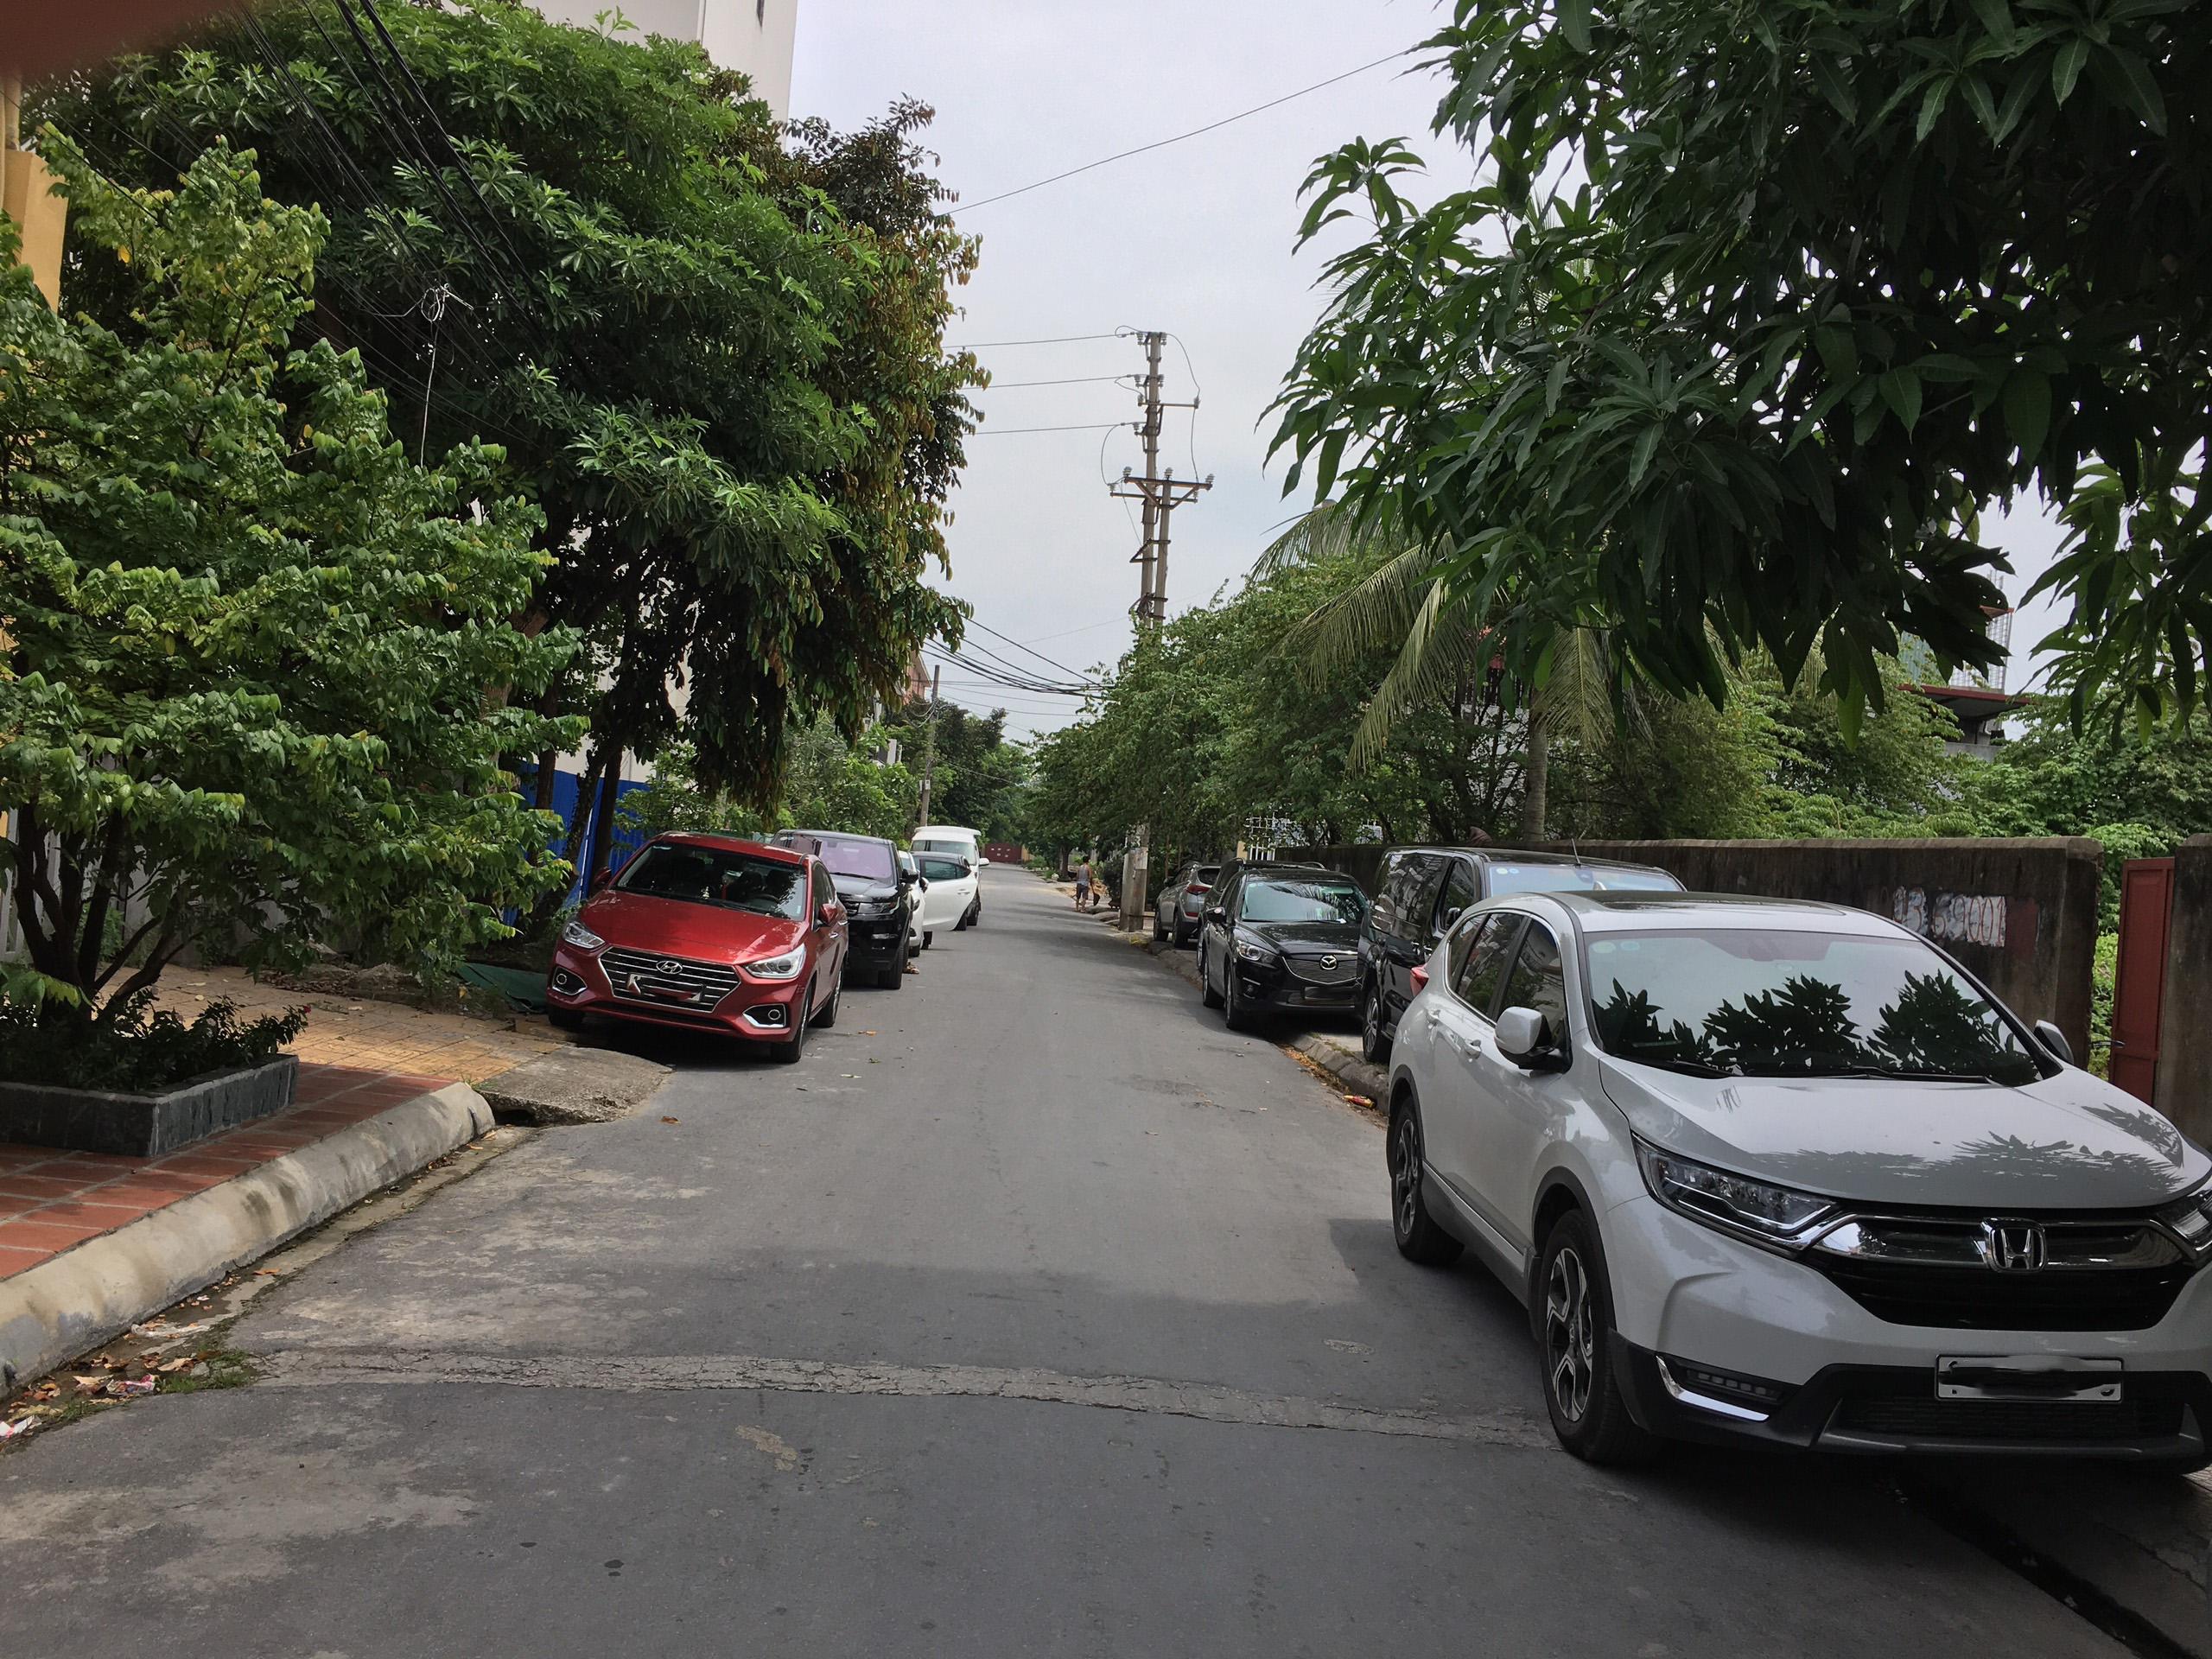 Bán biệt thự mặt đường 9m Đằng Lâm, Hải An, Hải Phòng.